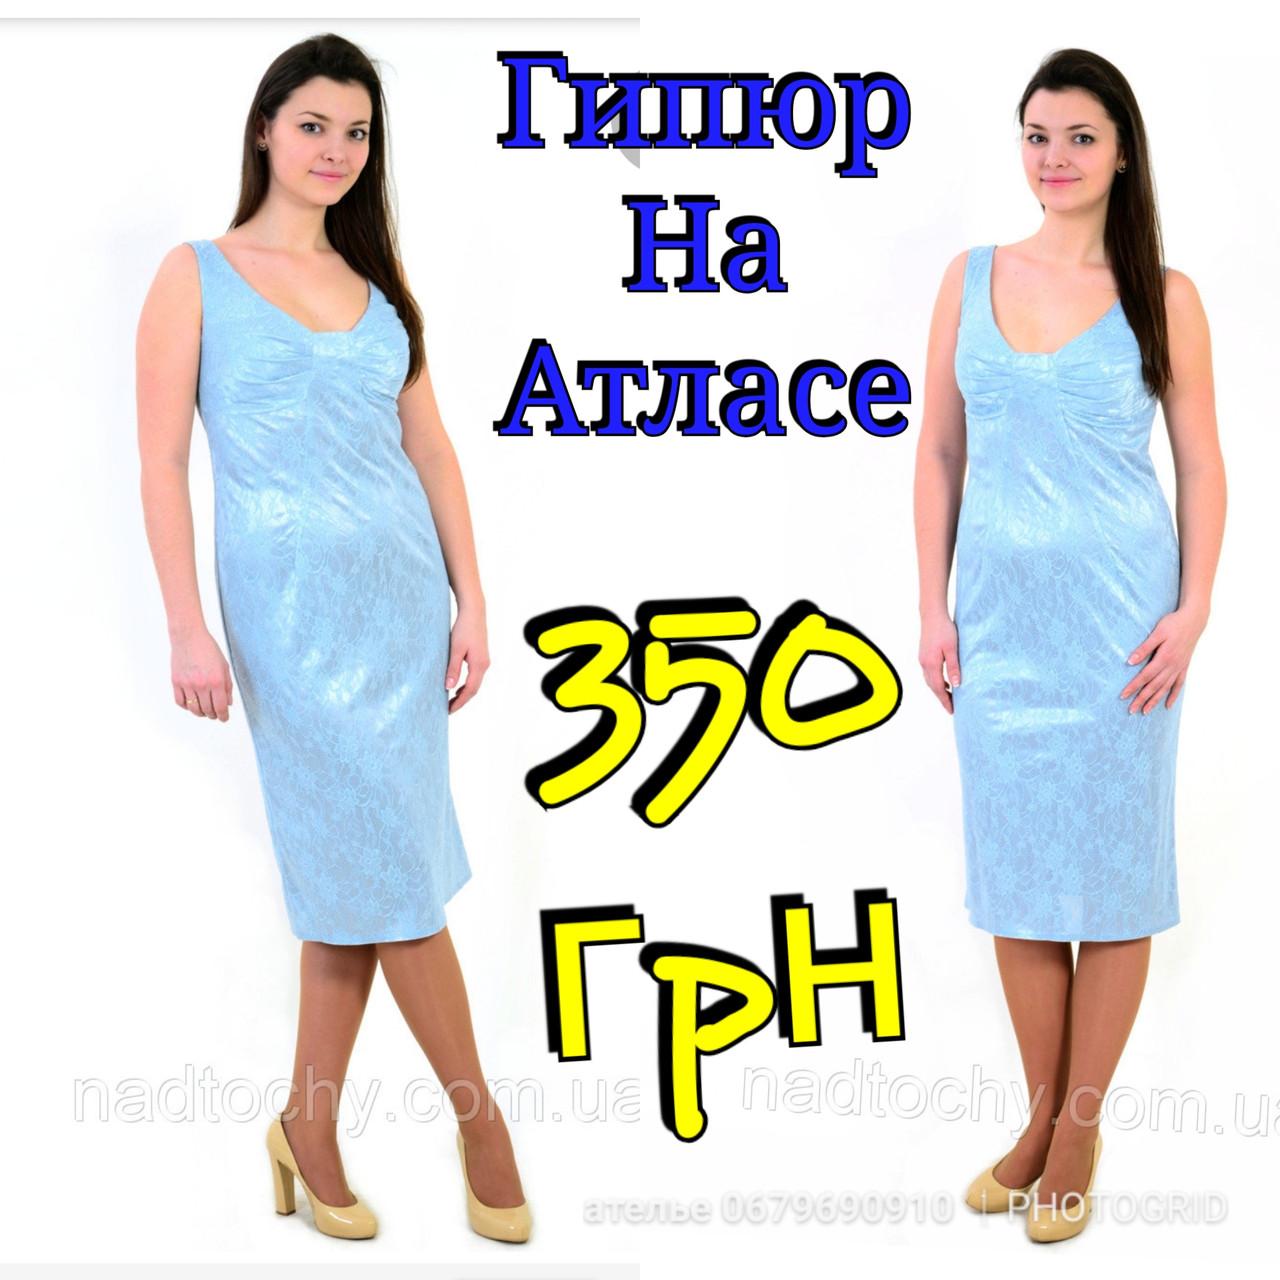 Платье, интернет магазин женской одежды, большие размеры,твое, 50,52,54,56, Пл 096-1, кружево.